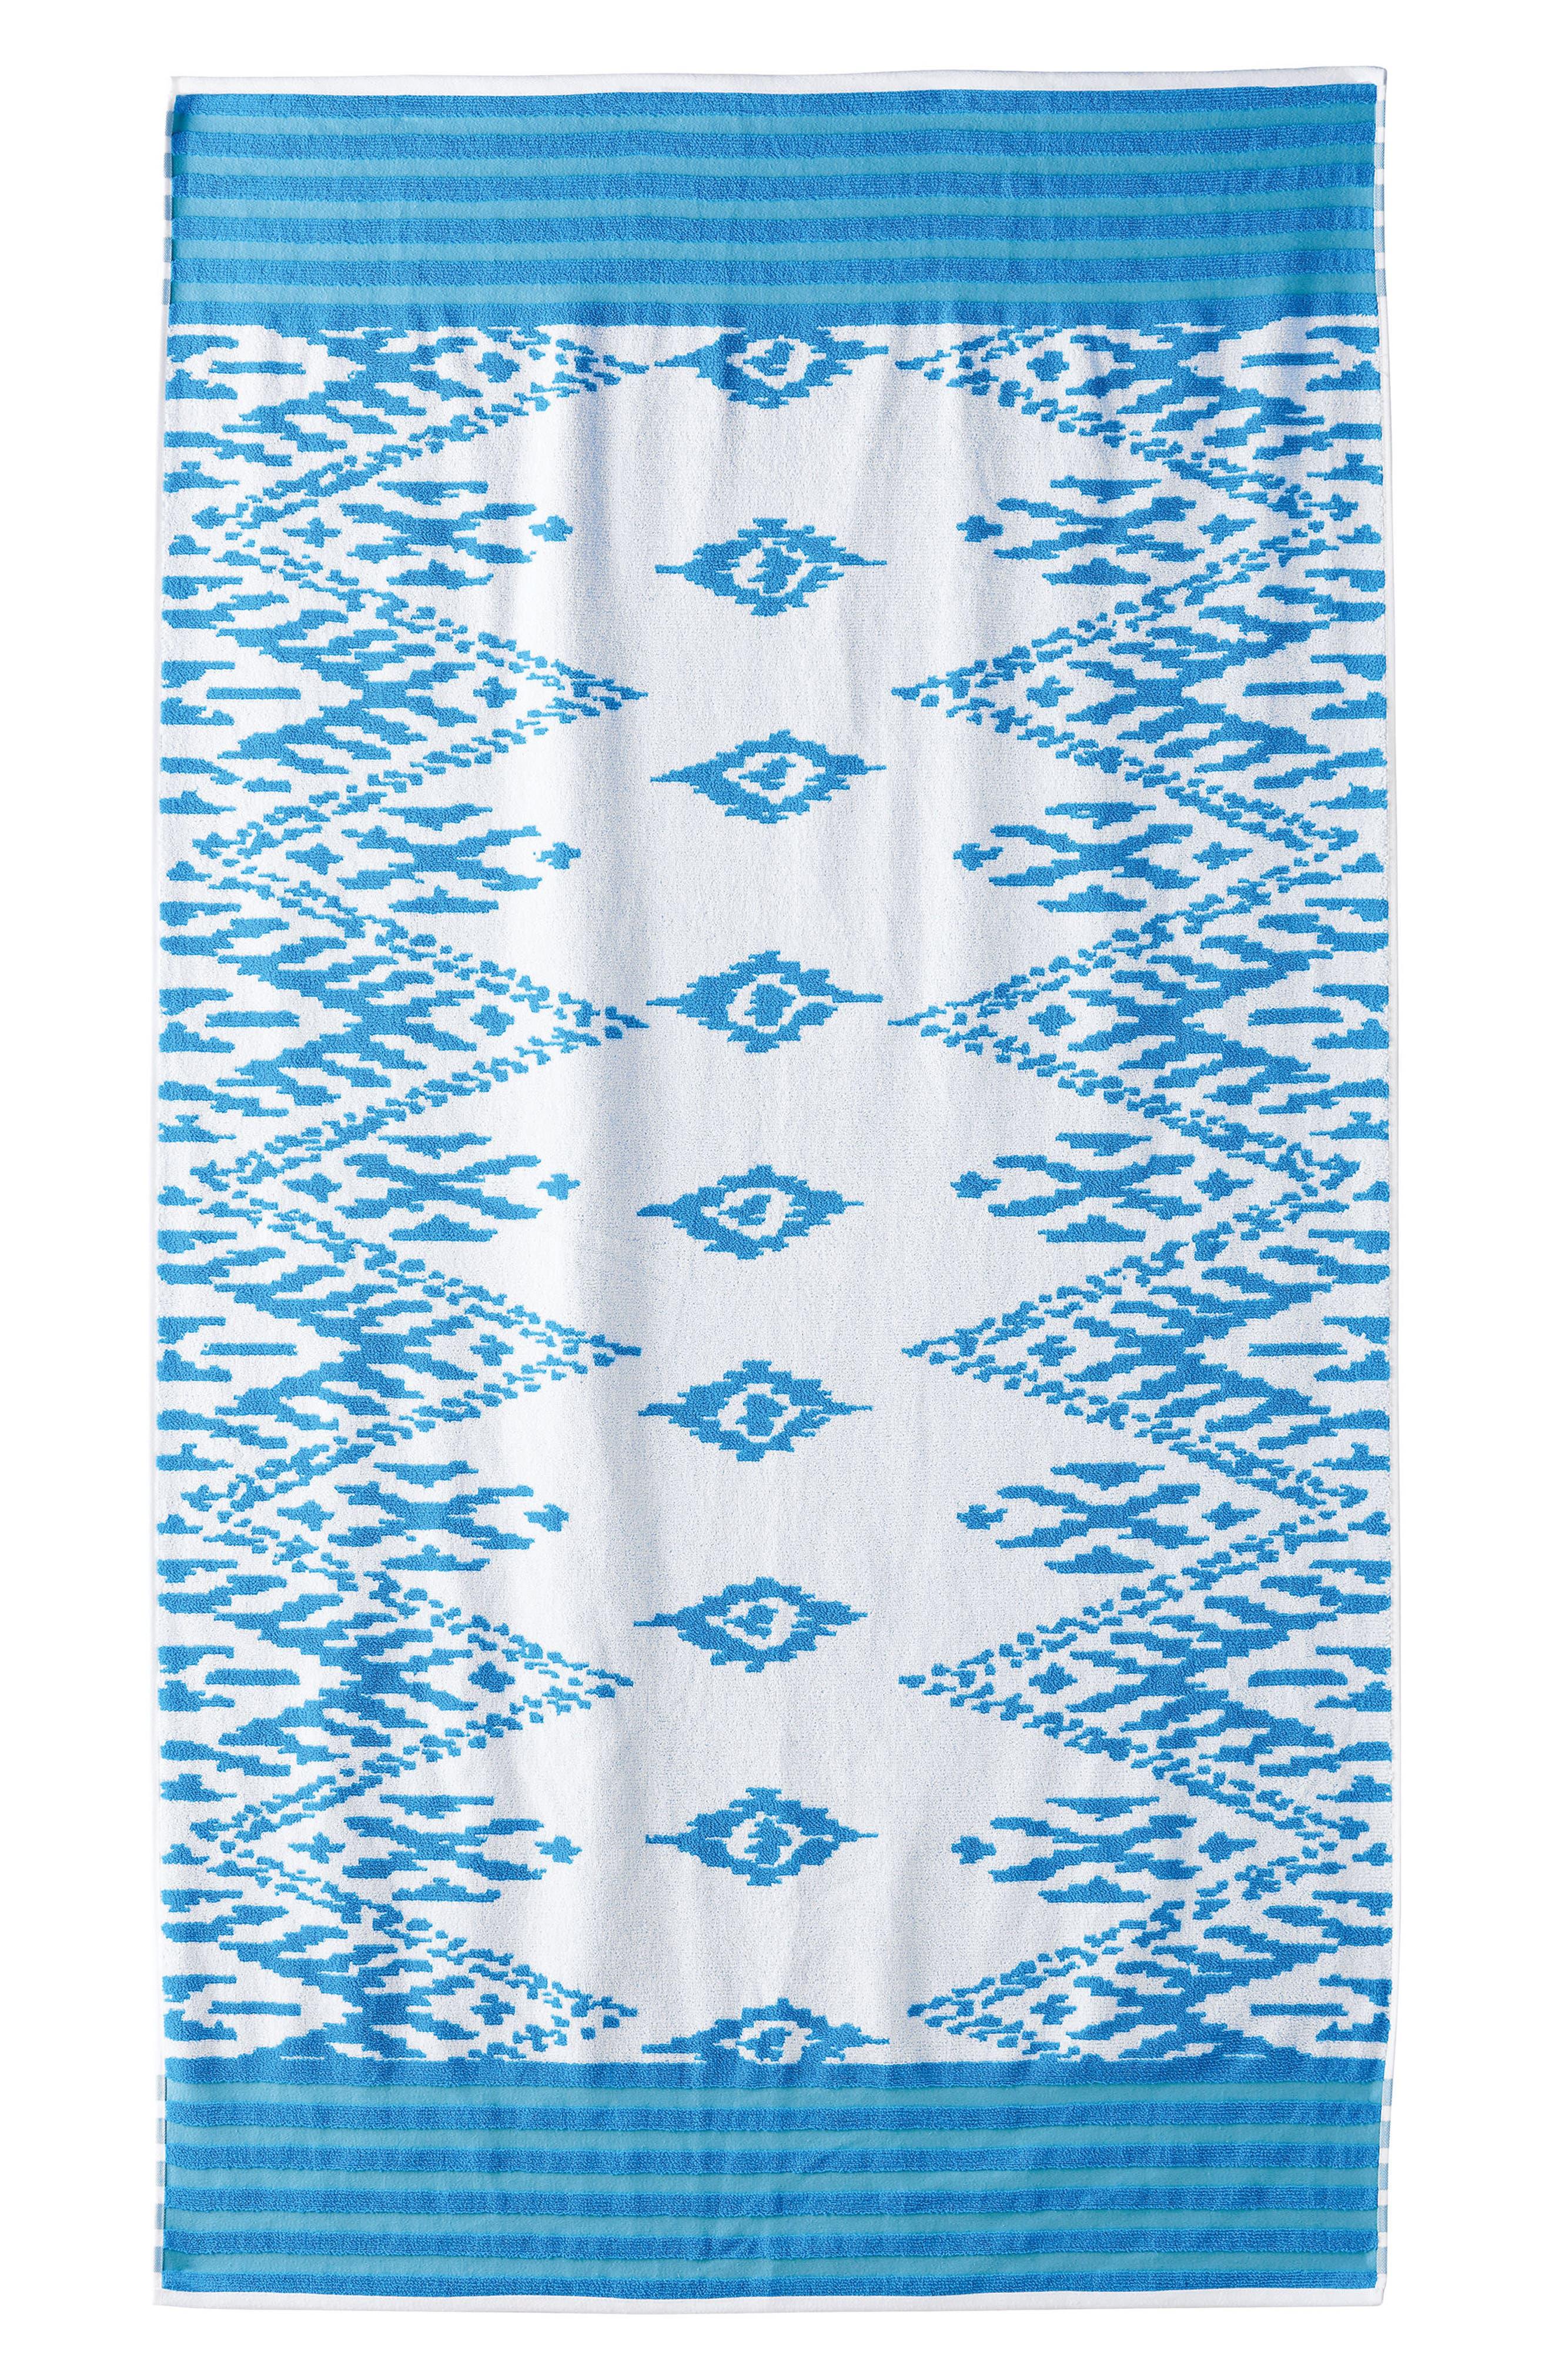 Dita Resort Towel,                             Alternate thumbnail 2, color,                             500